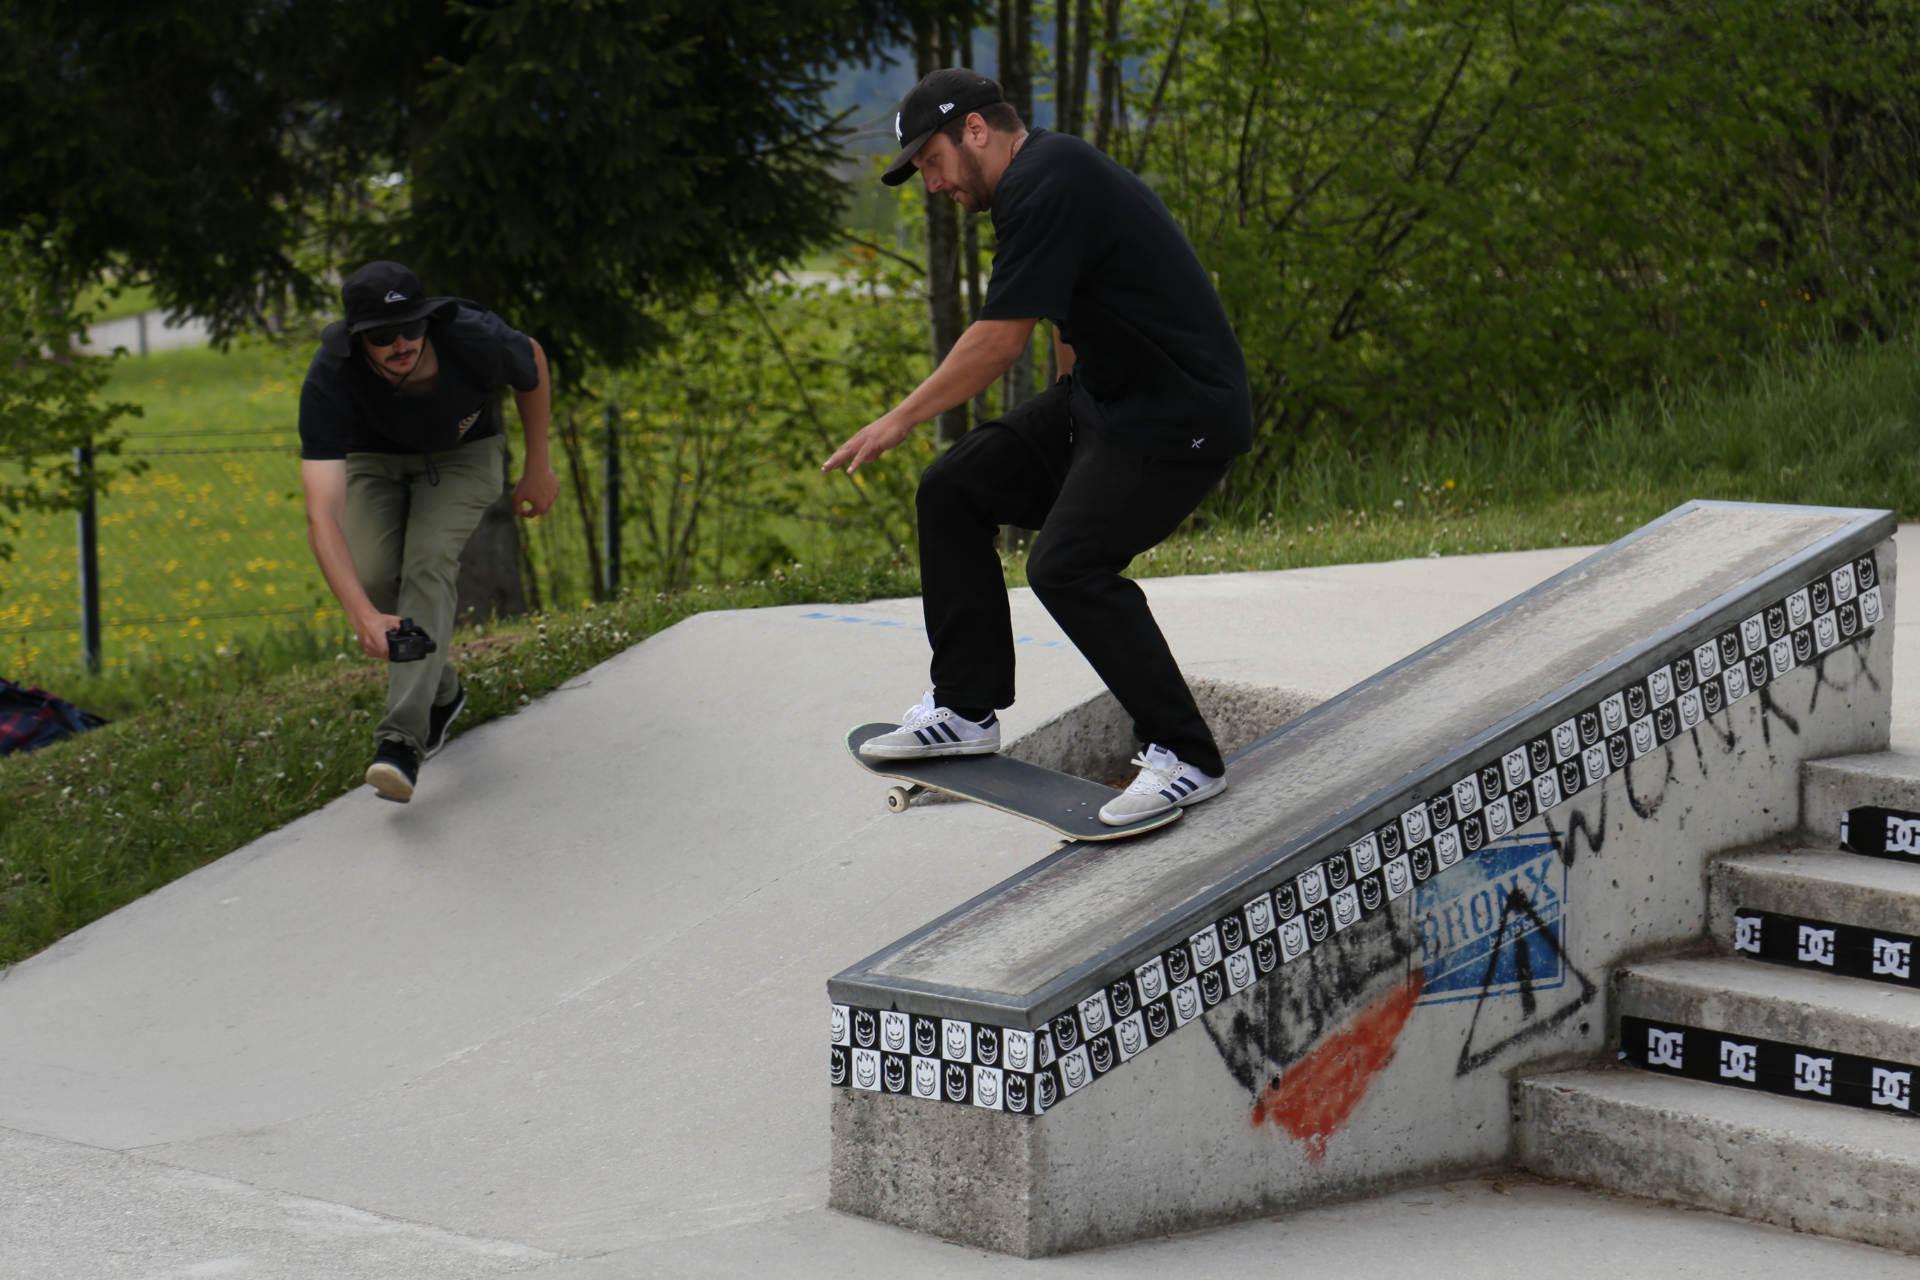 skateboard headz fieberbrunn kgt kitz gau trophy 2019 saalfelden hell00105